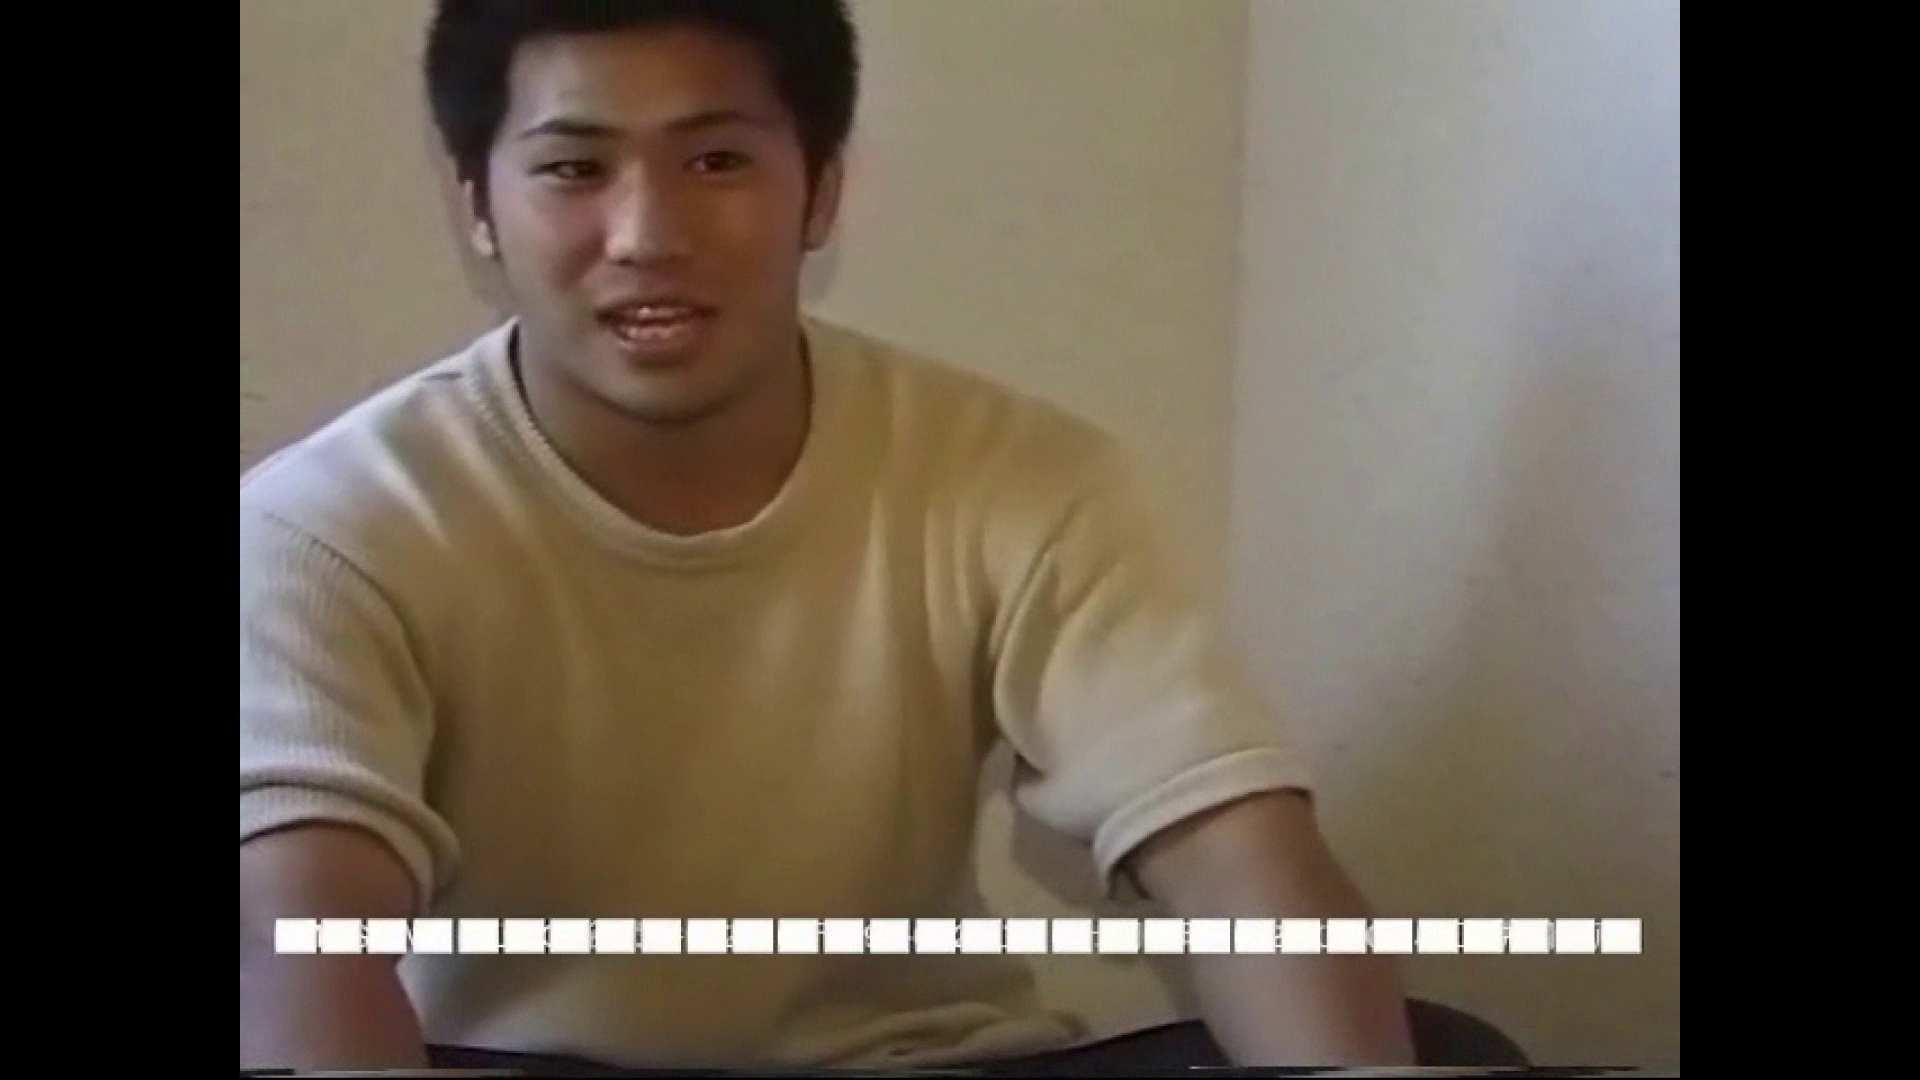 オナれ!集まれ!イケてるメンズ達!!File.09 ノンケのオナニー ゲイ射精画像 55連発 3